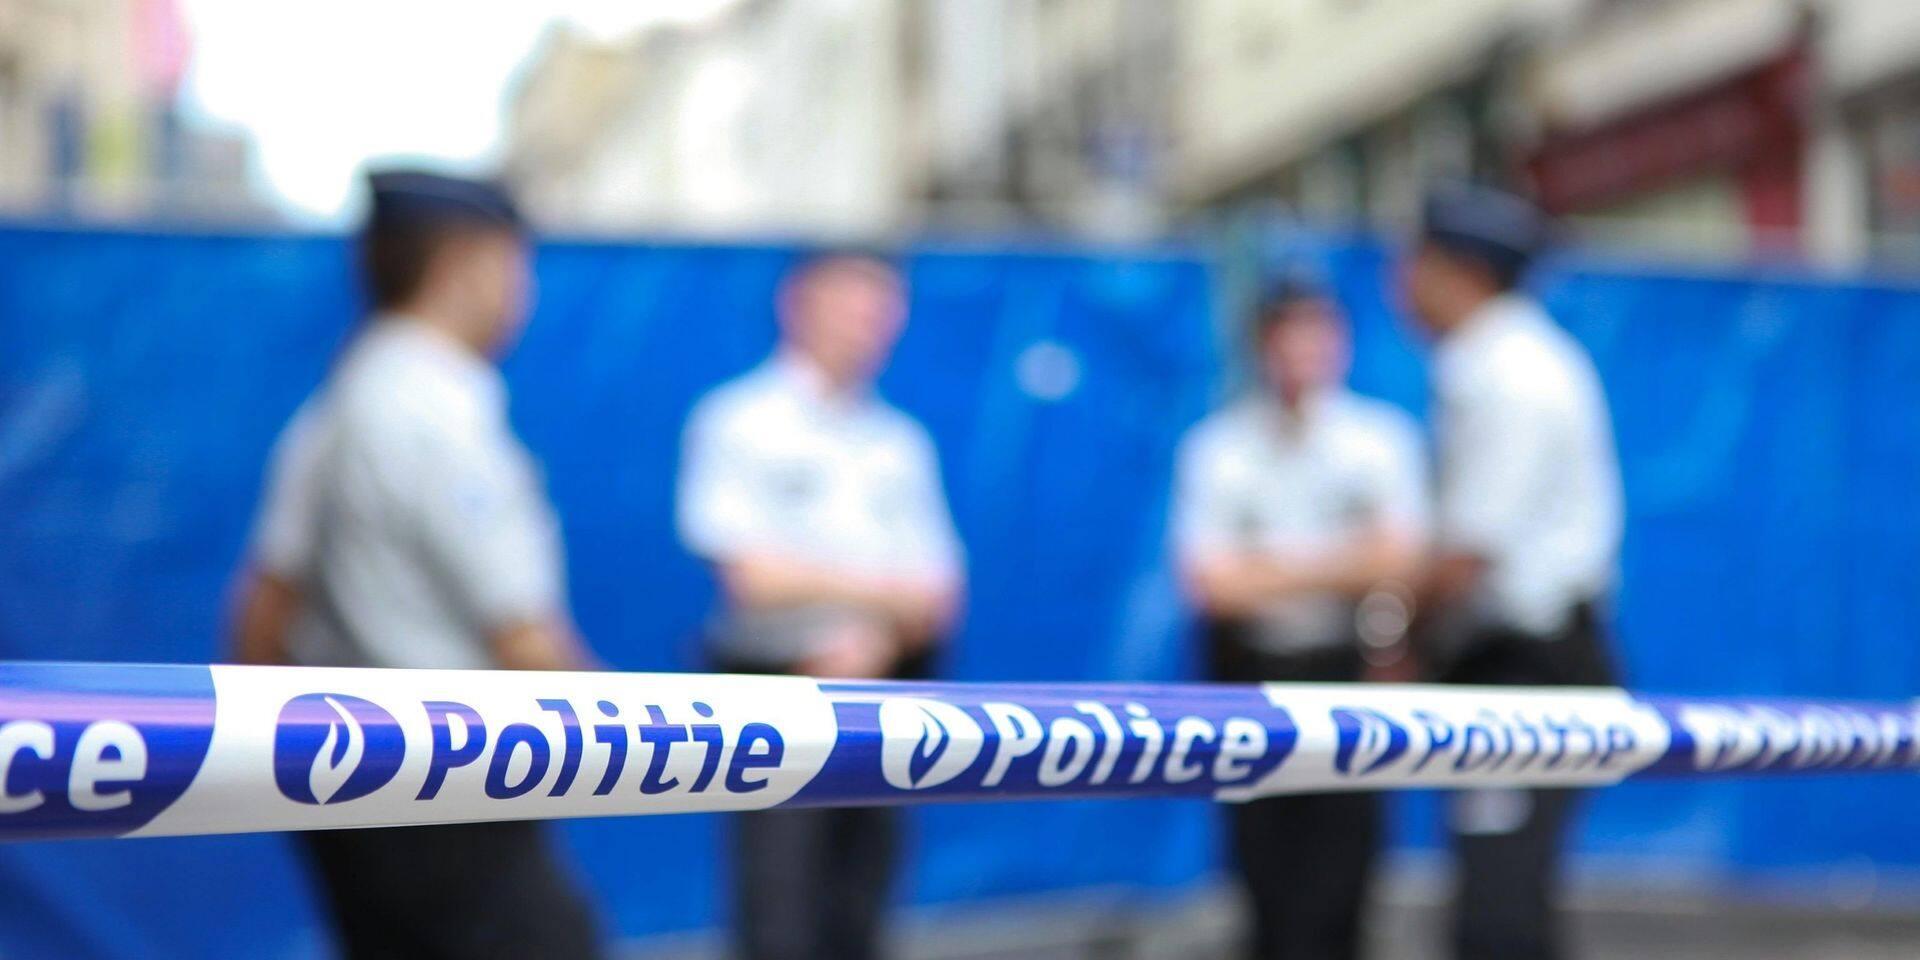 Accident à Anderlecht entre une patrouille de police et un automobiliste